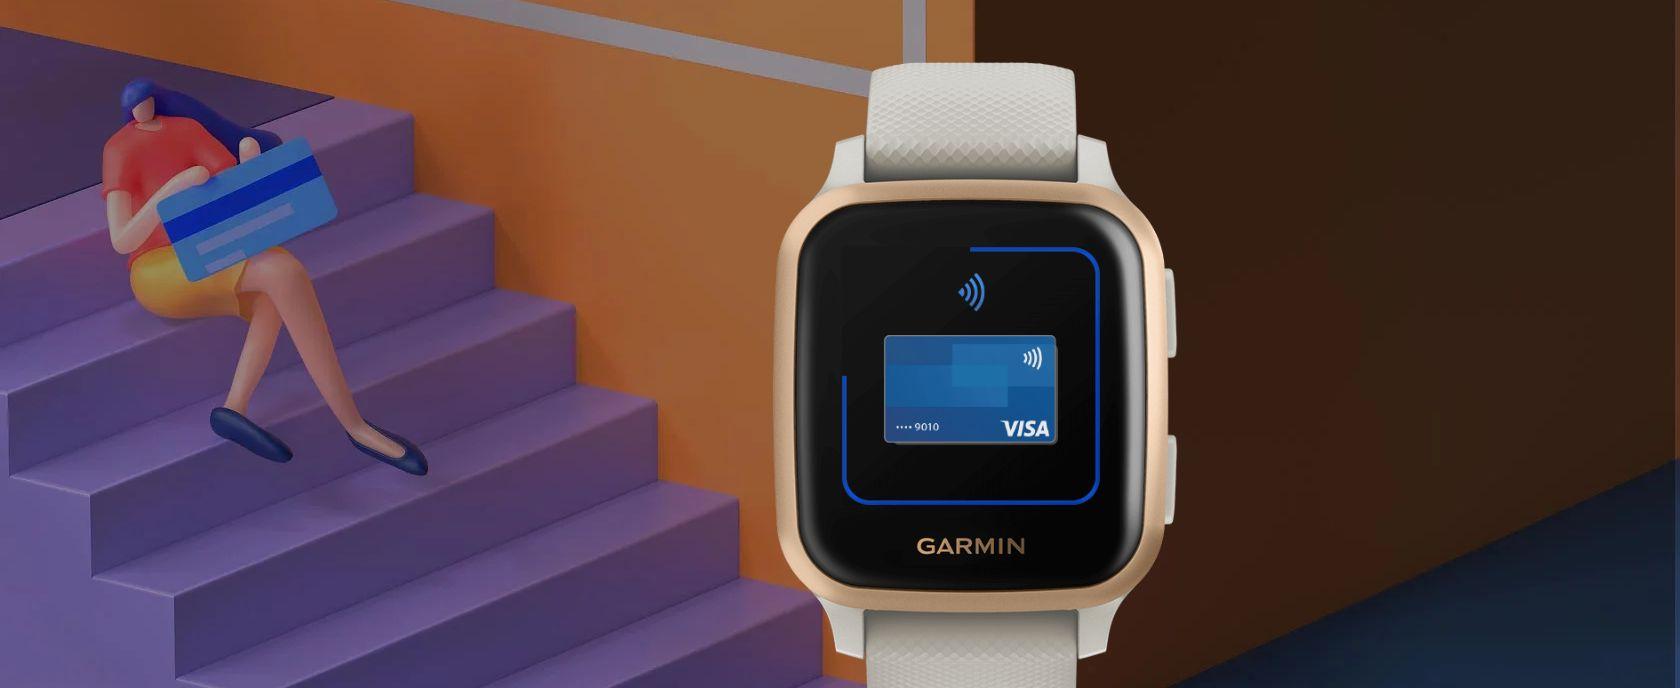 garmin-pay